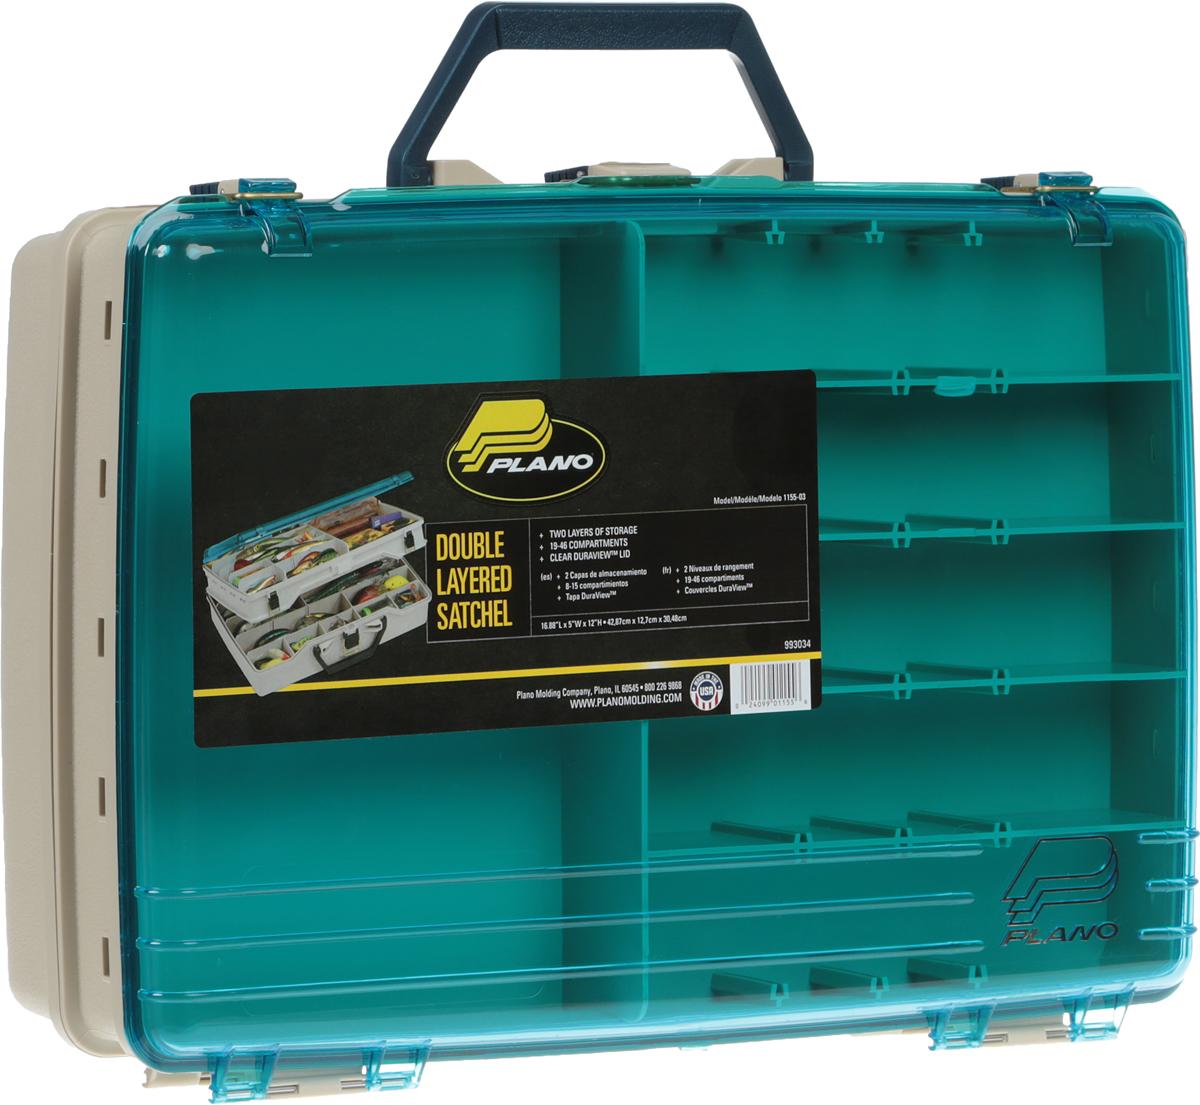 Ящик рыболовный Plano, двухуровневый, с крышкой, цвет: серый